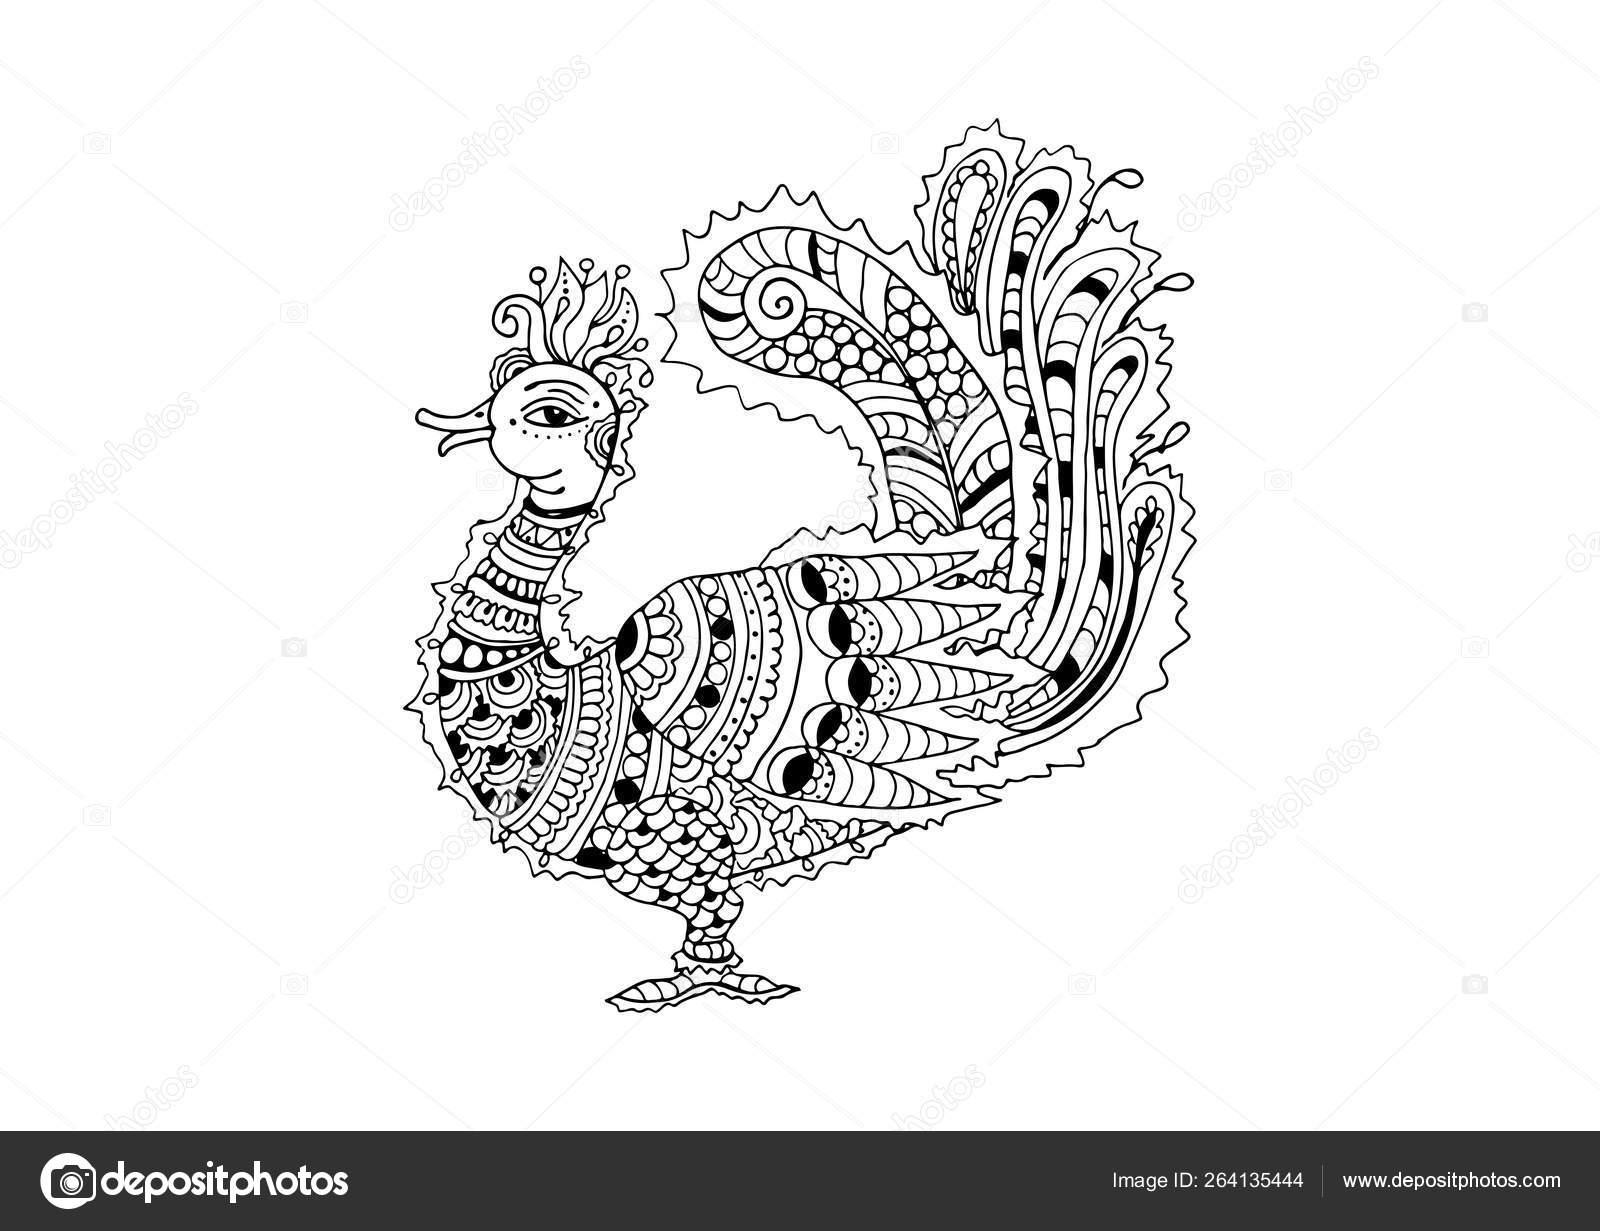 Hint Kalamkari Tarzi Tavus Kusu Sus Anahat Illustrasyon Vektor